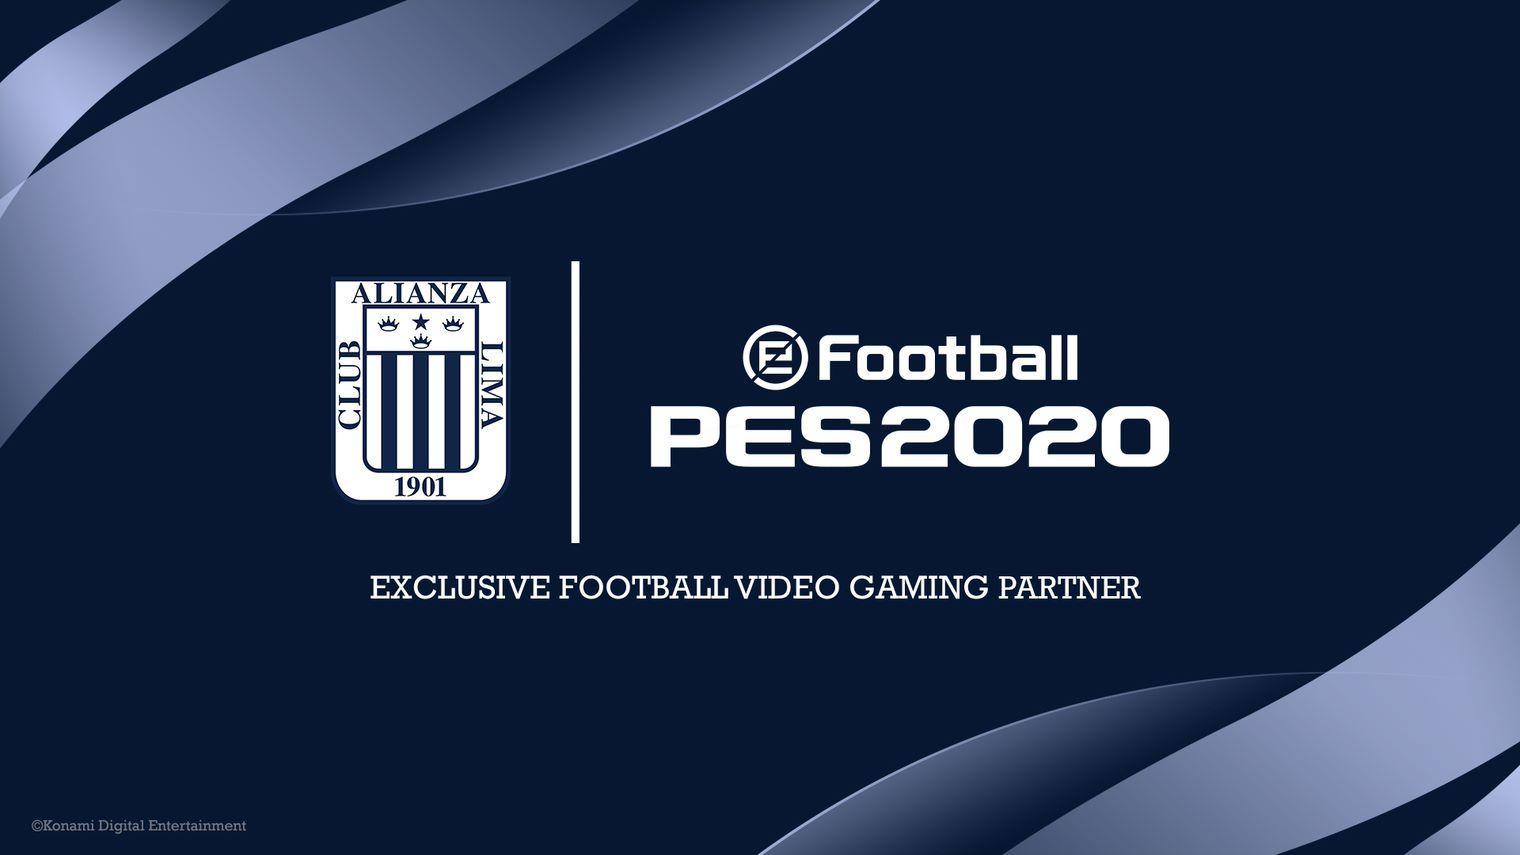 Alianza Lima anunció su equipo de Pro Evolution Soccer 2020 y se une al mundo de los Esports